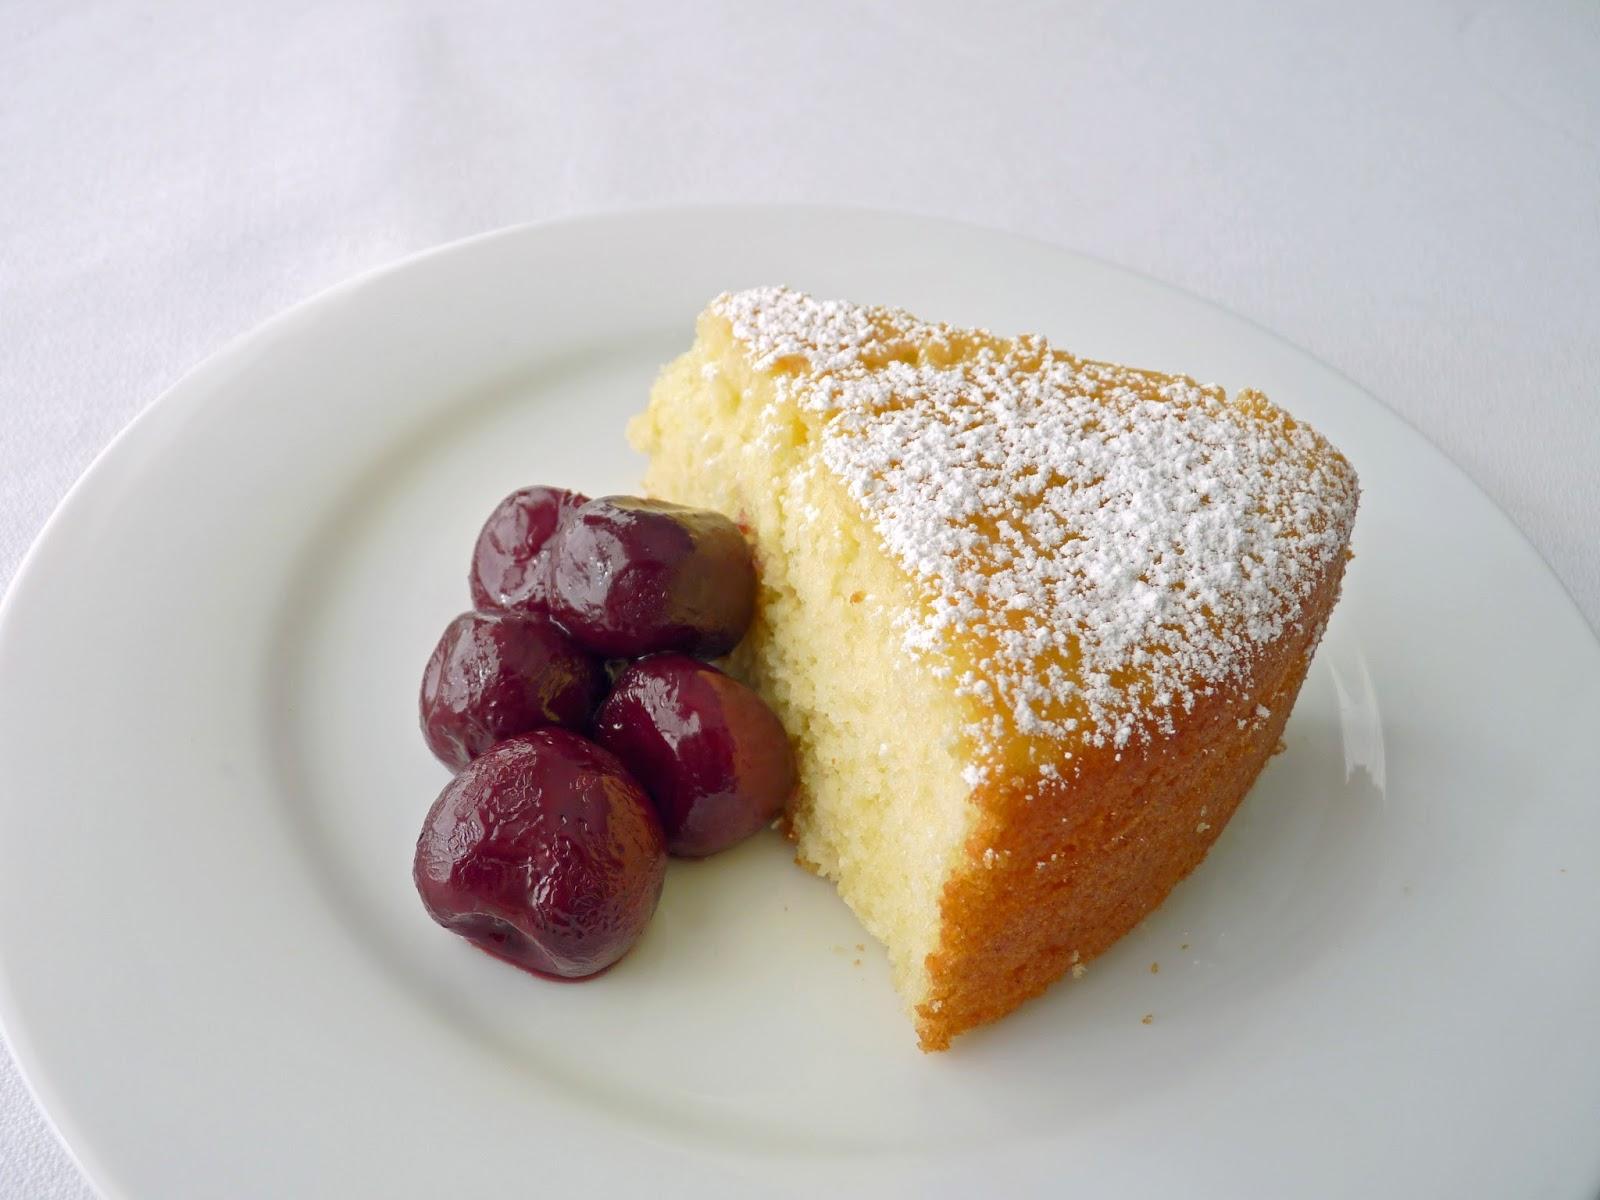 pastry studio: Lemon Yogurt Cake with Cherries